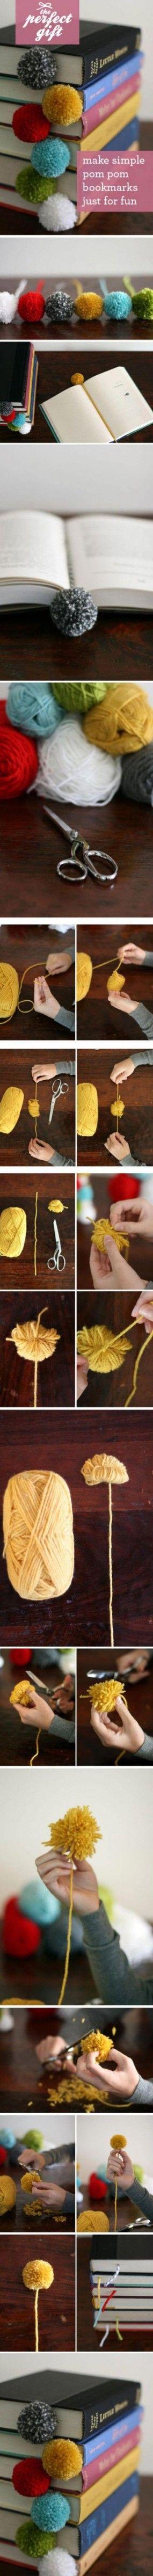 Pom Pom bookmark craft